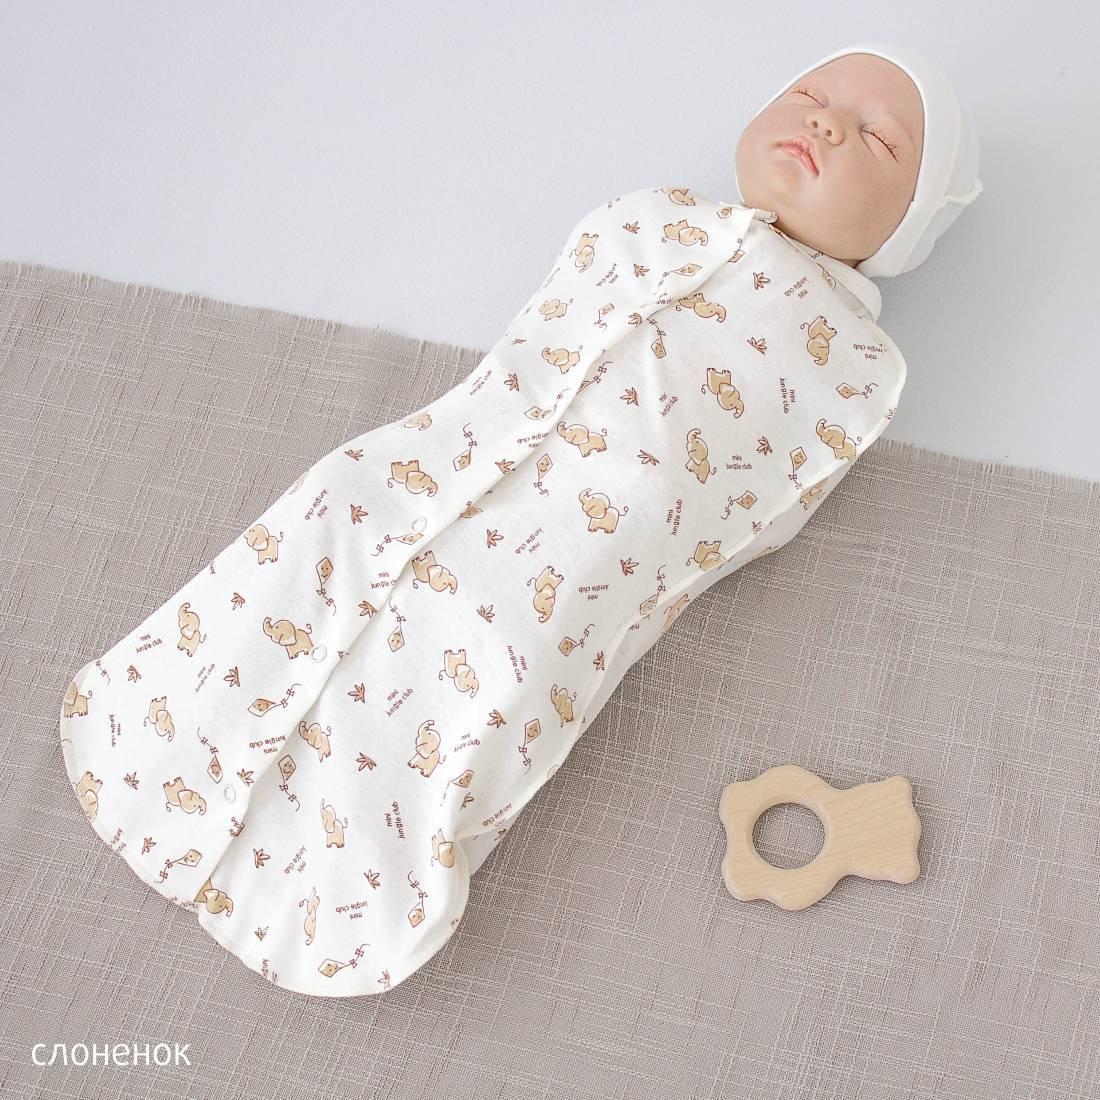 Как сшить кокон гнездышко для малыша. пеленка-кокон для новорожденного: ее функционал и способ изготовления своими руками